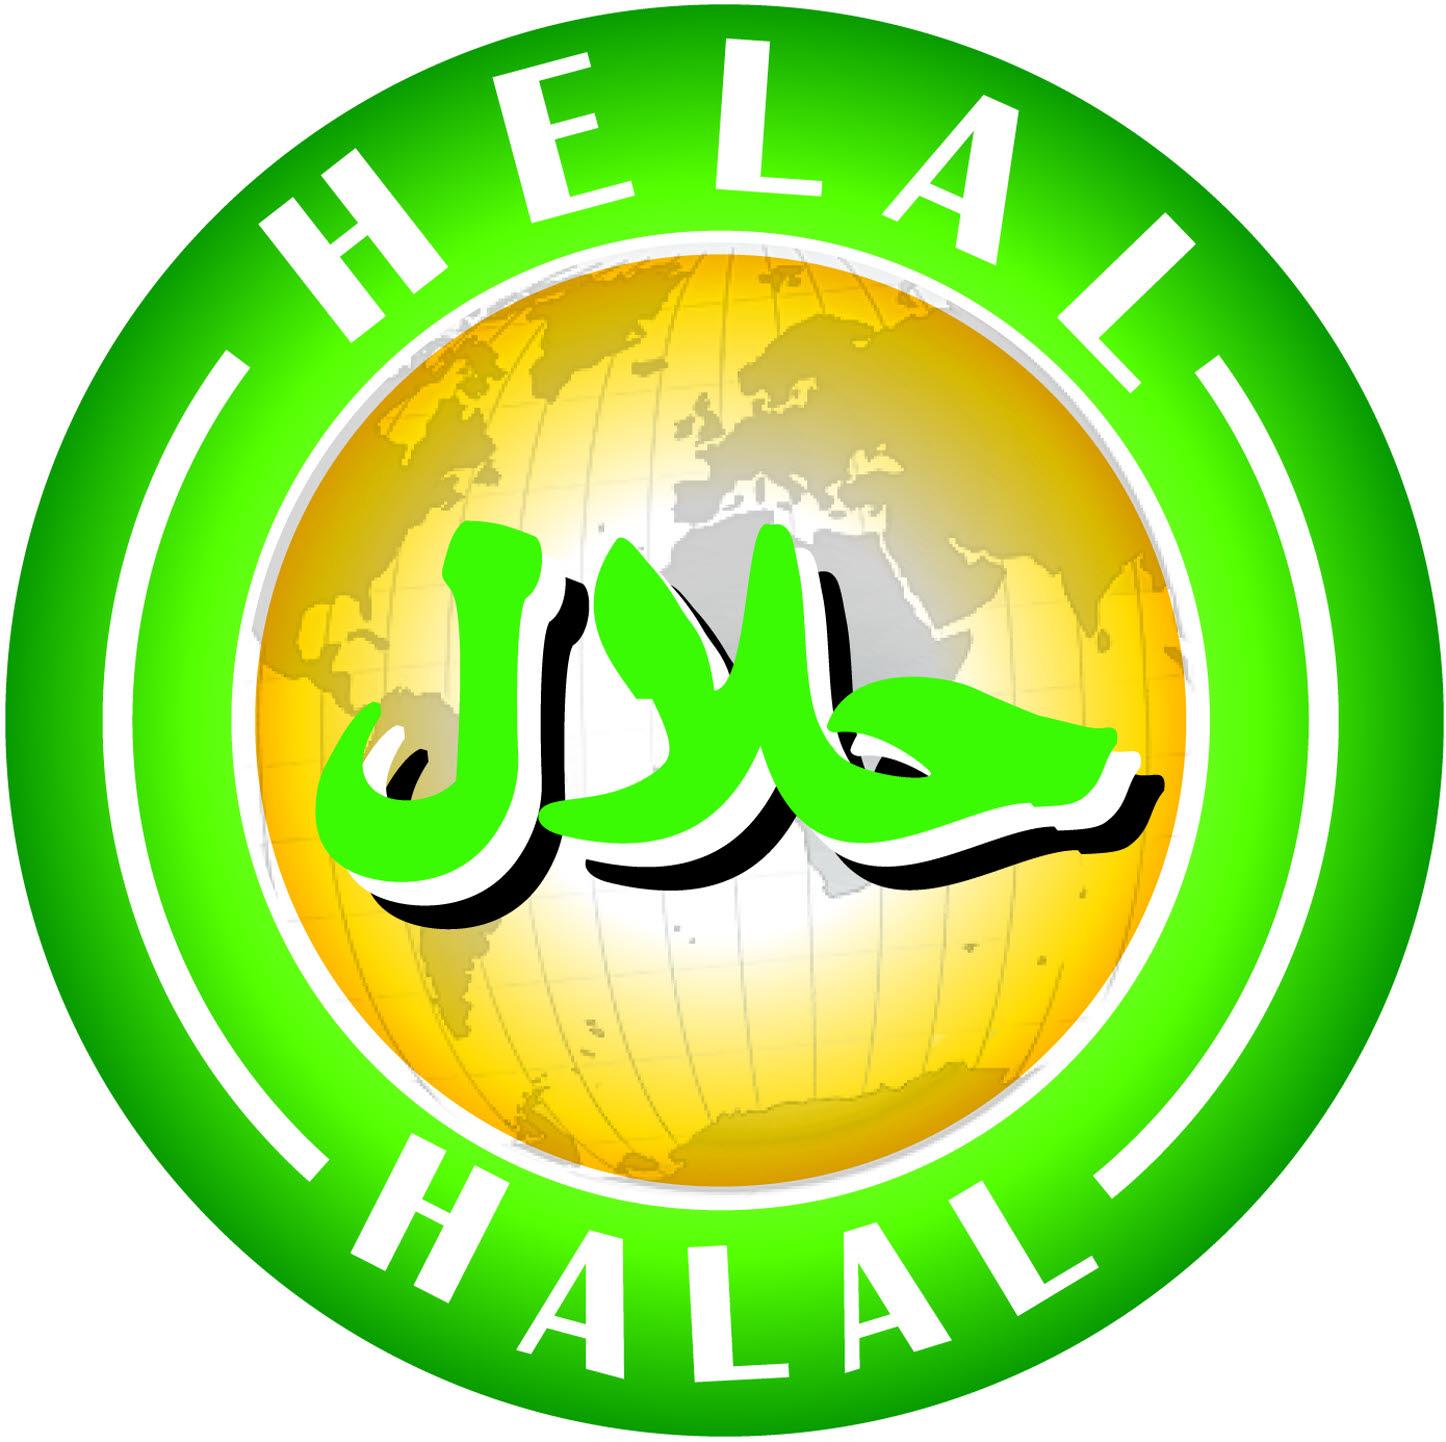 La communauté musulmane exige le Halal pour les produits à base de viande.